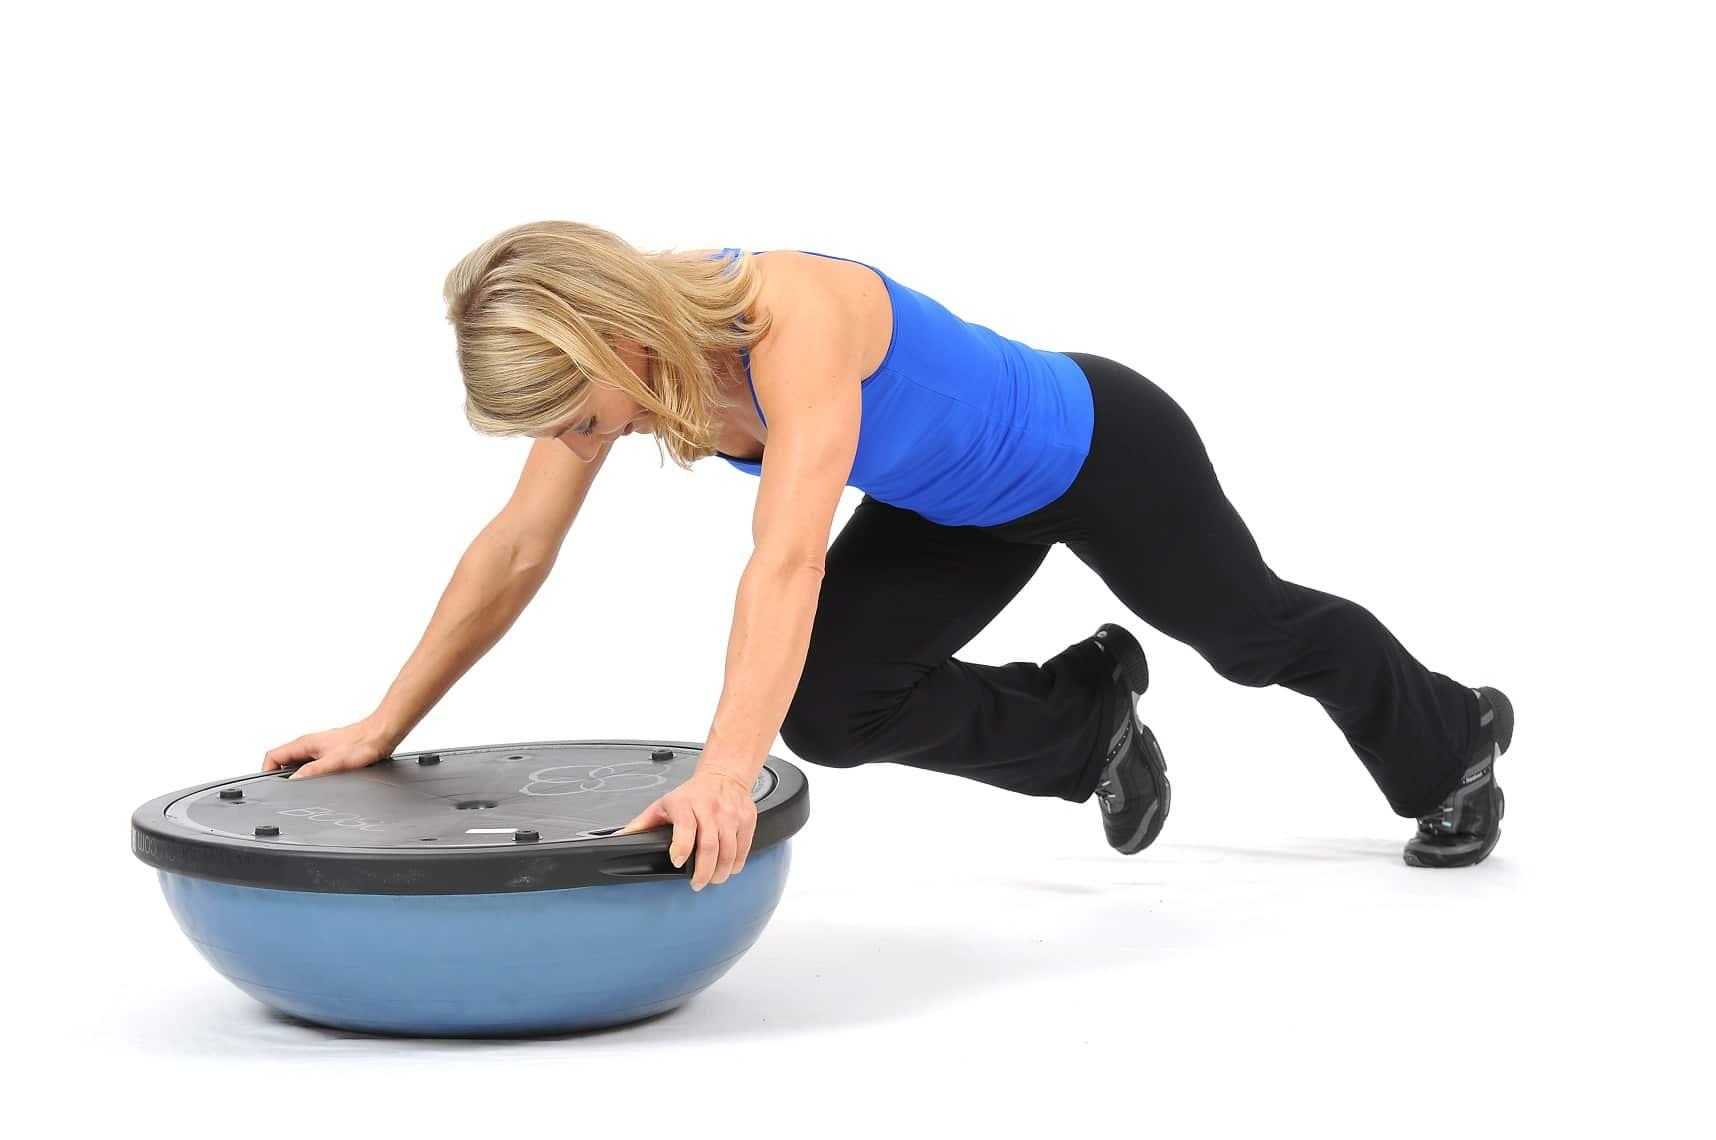 Arriva bosu il nuovo attrezzo da home fitness per - Strumenti palestra in casa ...